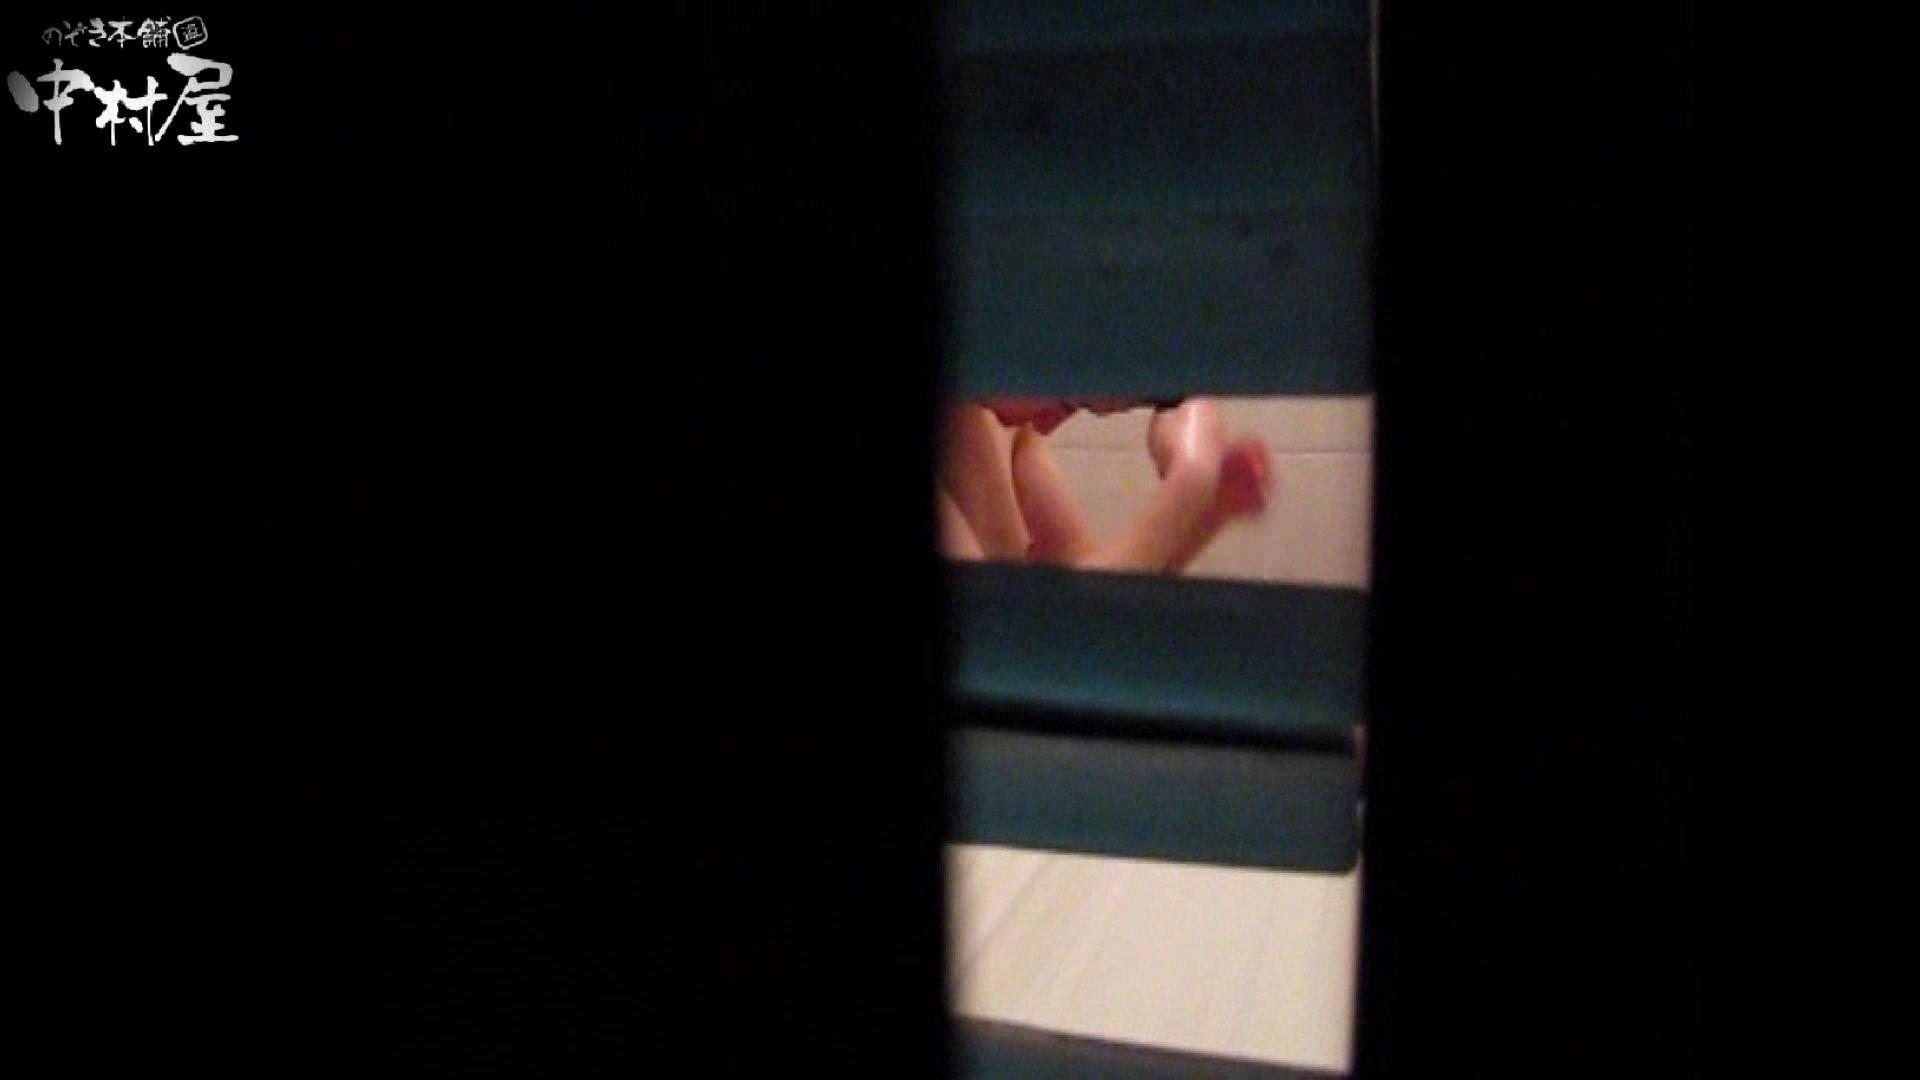 民家風呂専門盗撮師の超危険映像 vol.022 美女エロ画像 おめこ無修正動画無料 54PICs 3